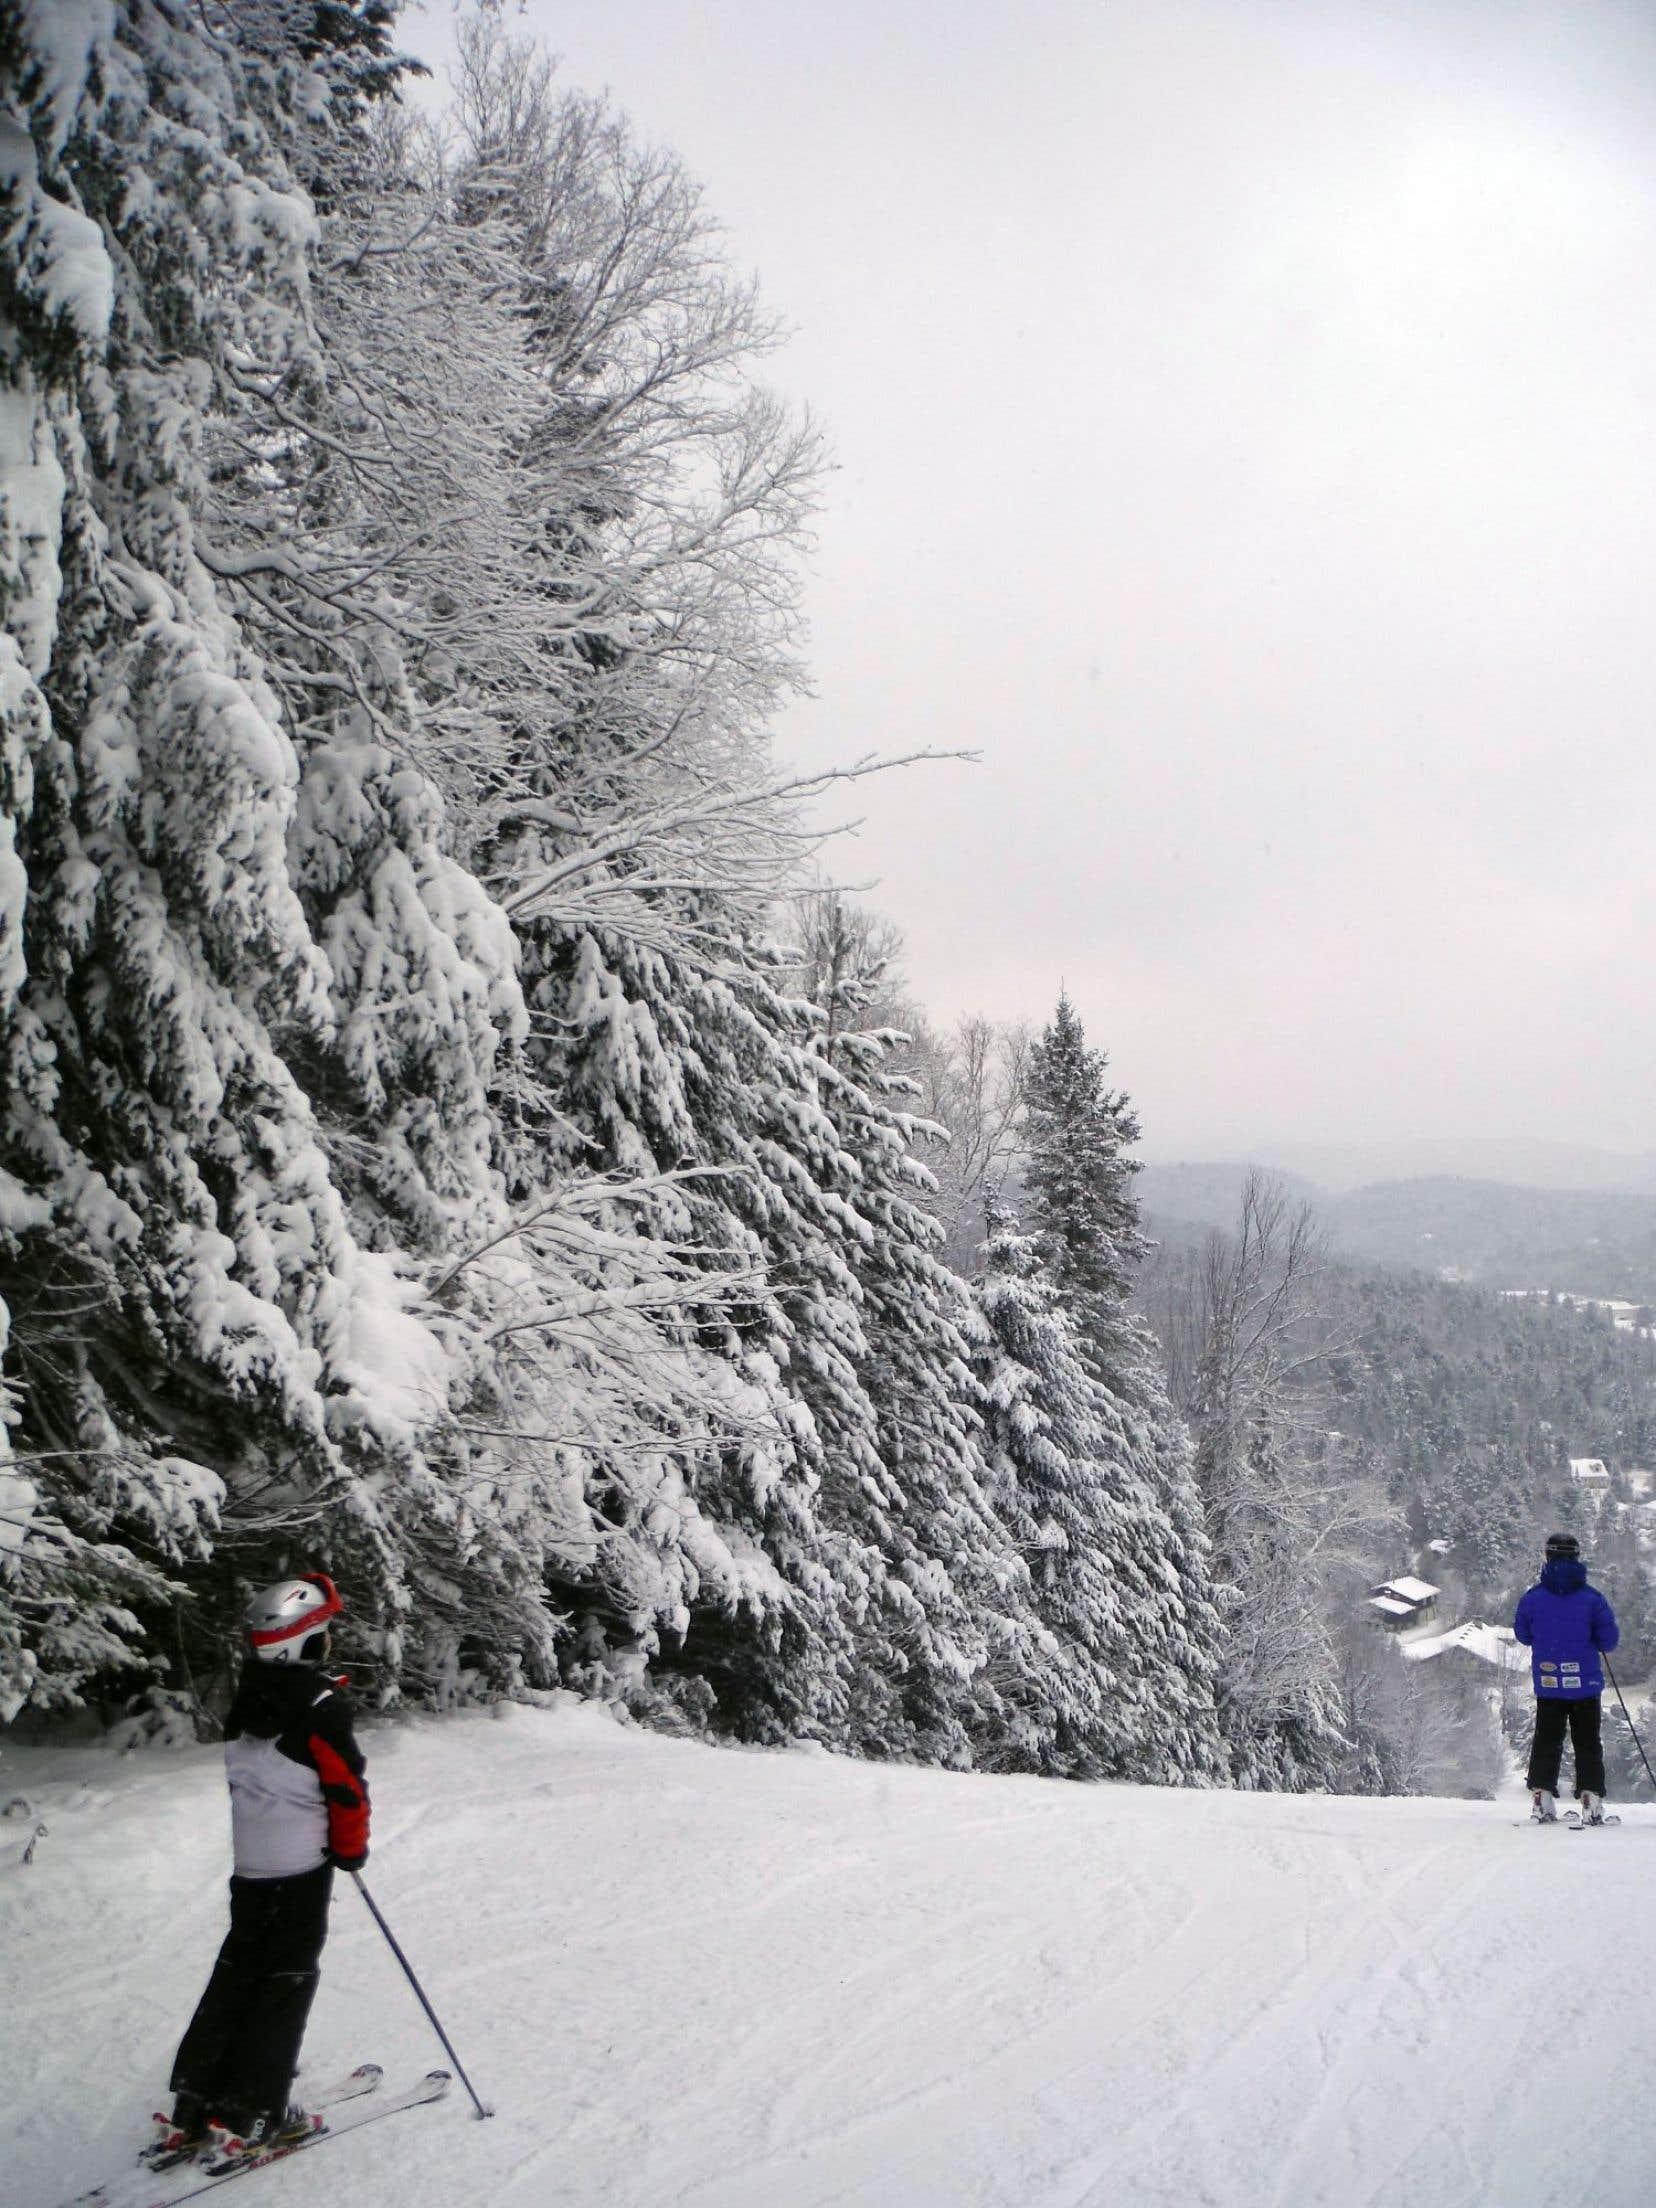 L'essentiel du domaine skiable de cette station de Val-David, dans les Laurentides, est de niveau débutant, les quelques pistes pour experts n'ayant d'expert que le nom.